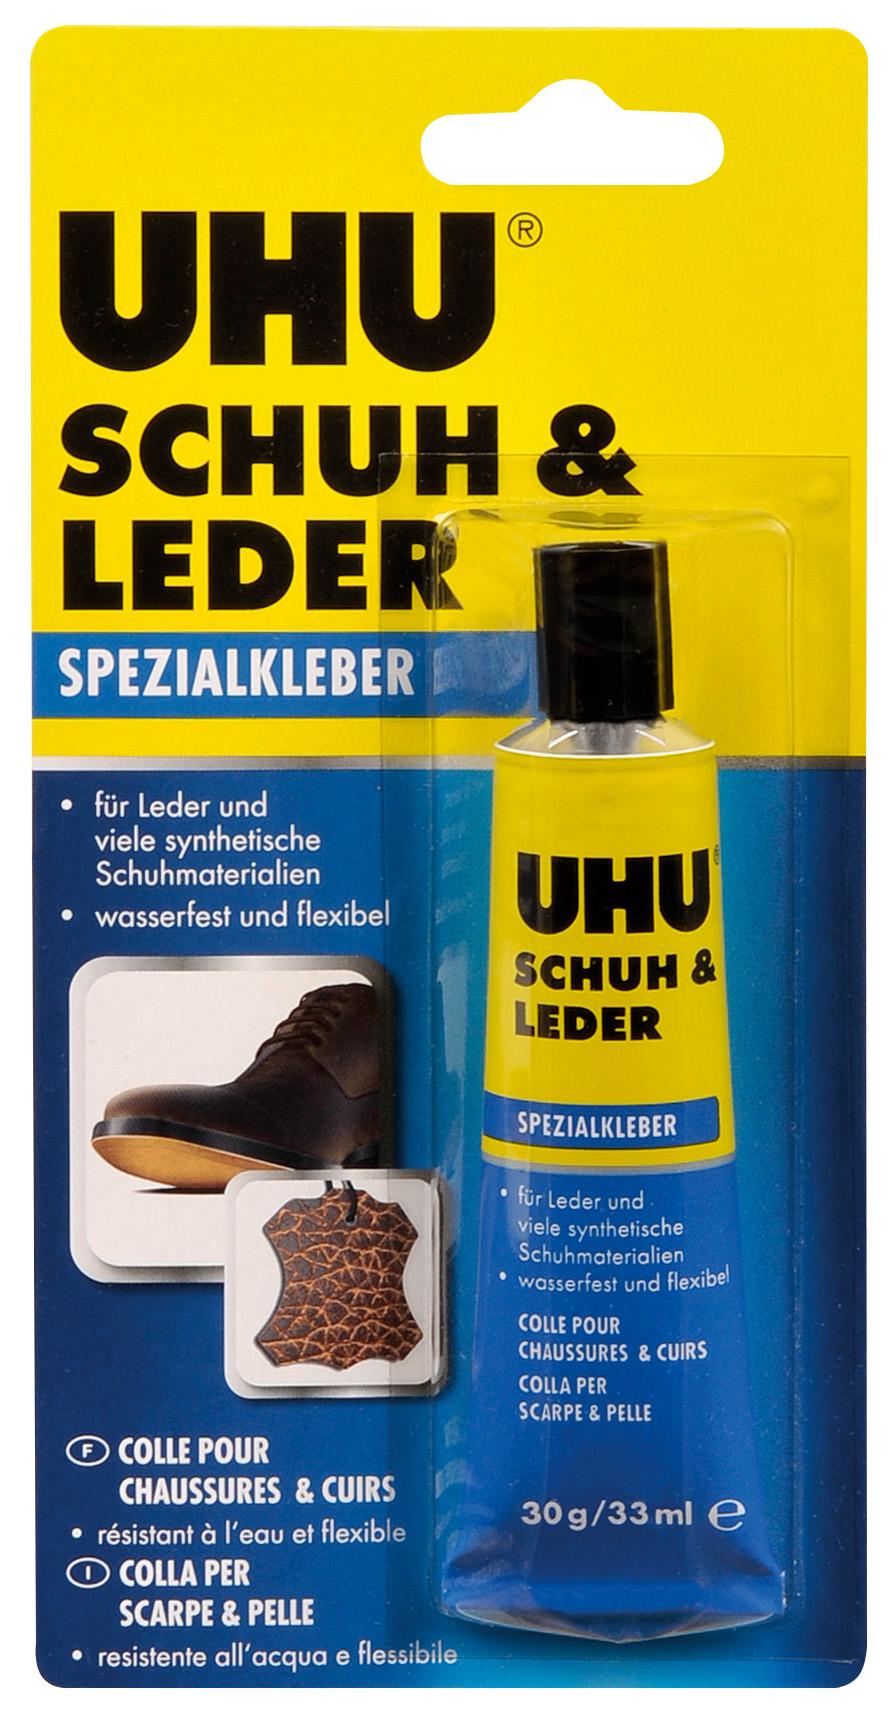 UHU SCHUH & LEDER 30g Tube Spezialkleber 46680